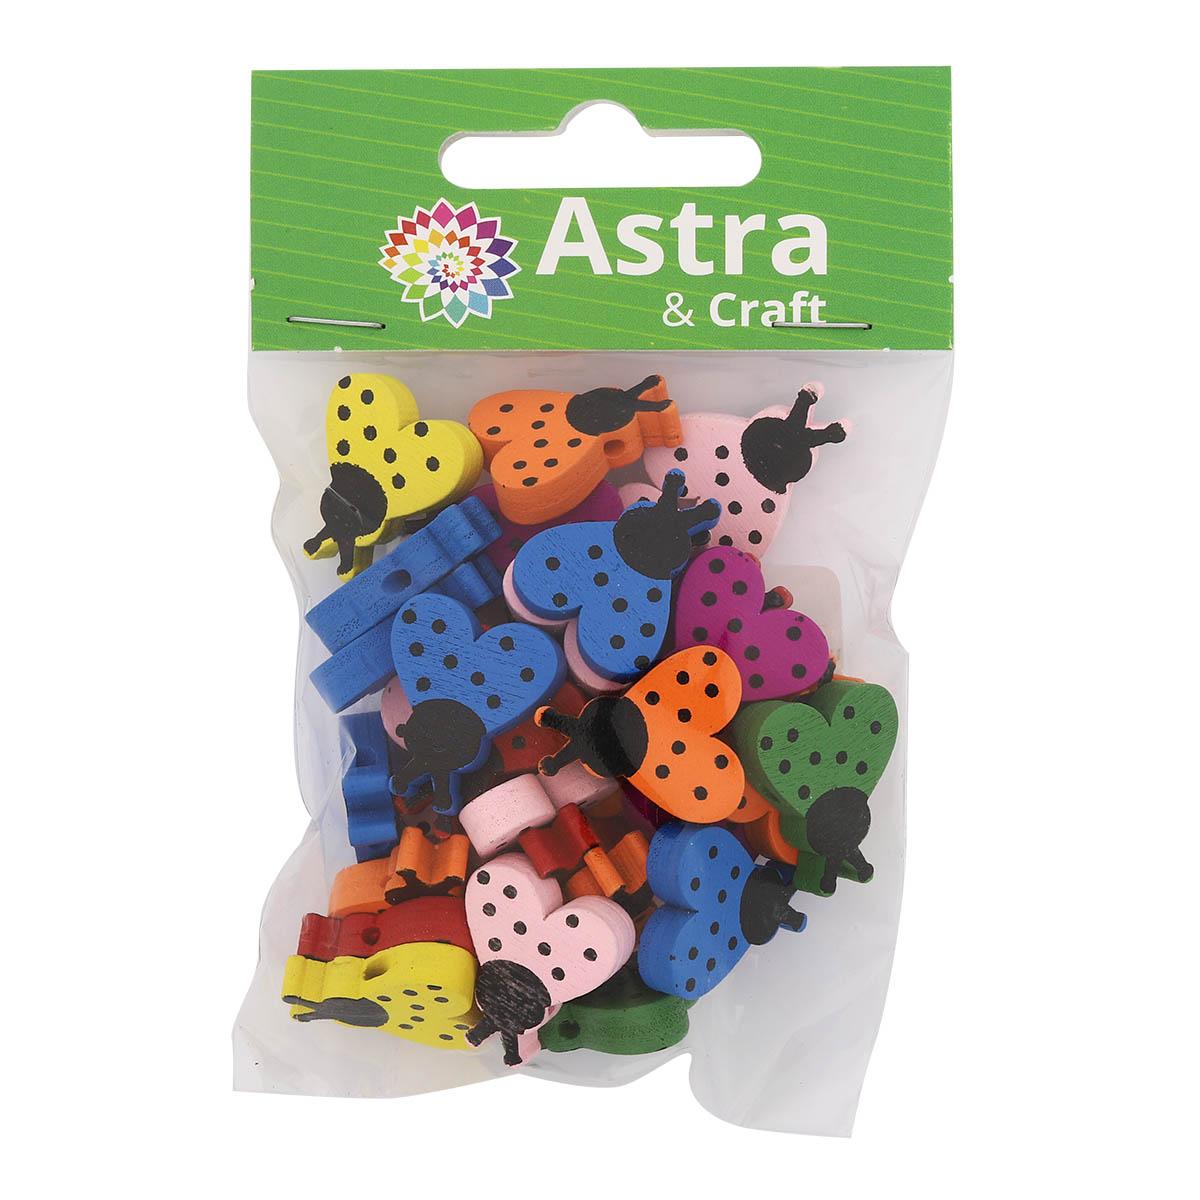 4AR403 Бусины деревянные, цветной микс, божья коровка, кг , 15гр/упак, Астра